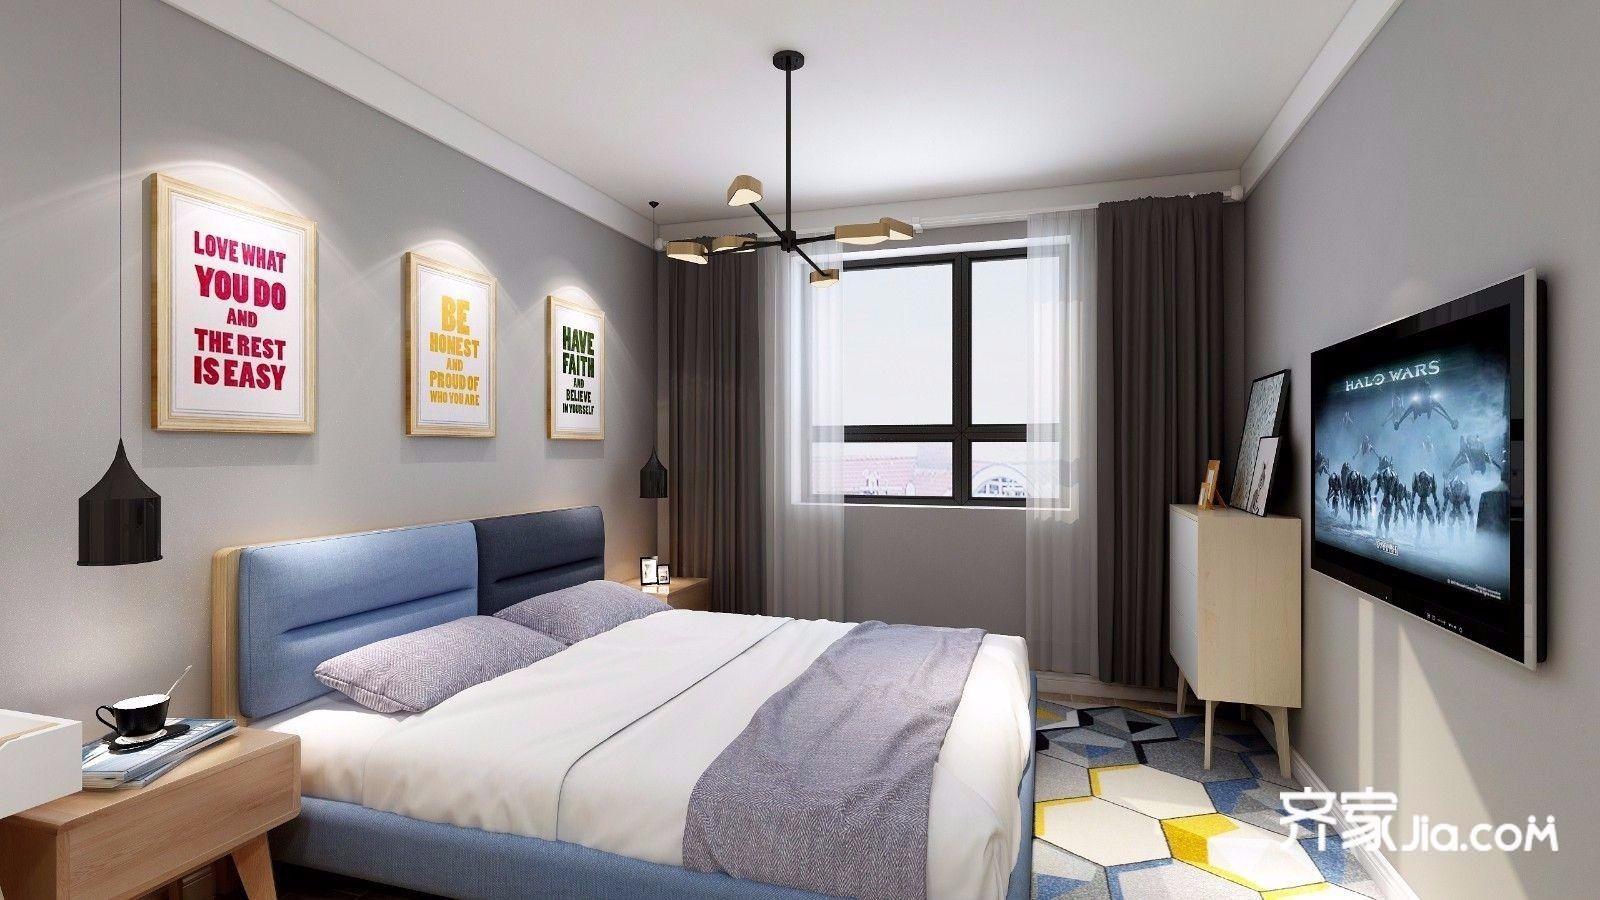 背景墙 房间 家居 起居室 设计 卧室 卧室装修 现代 装修 1600_900